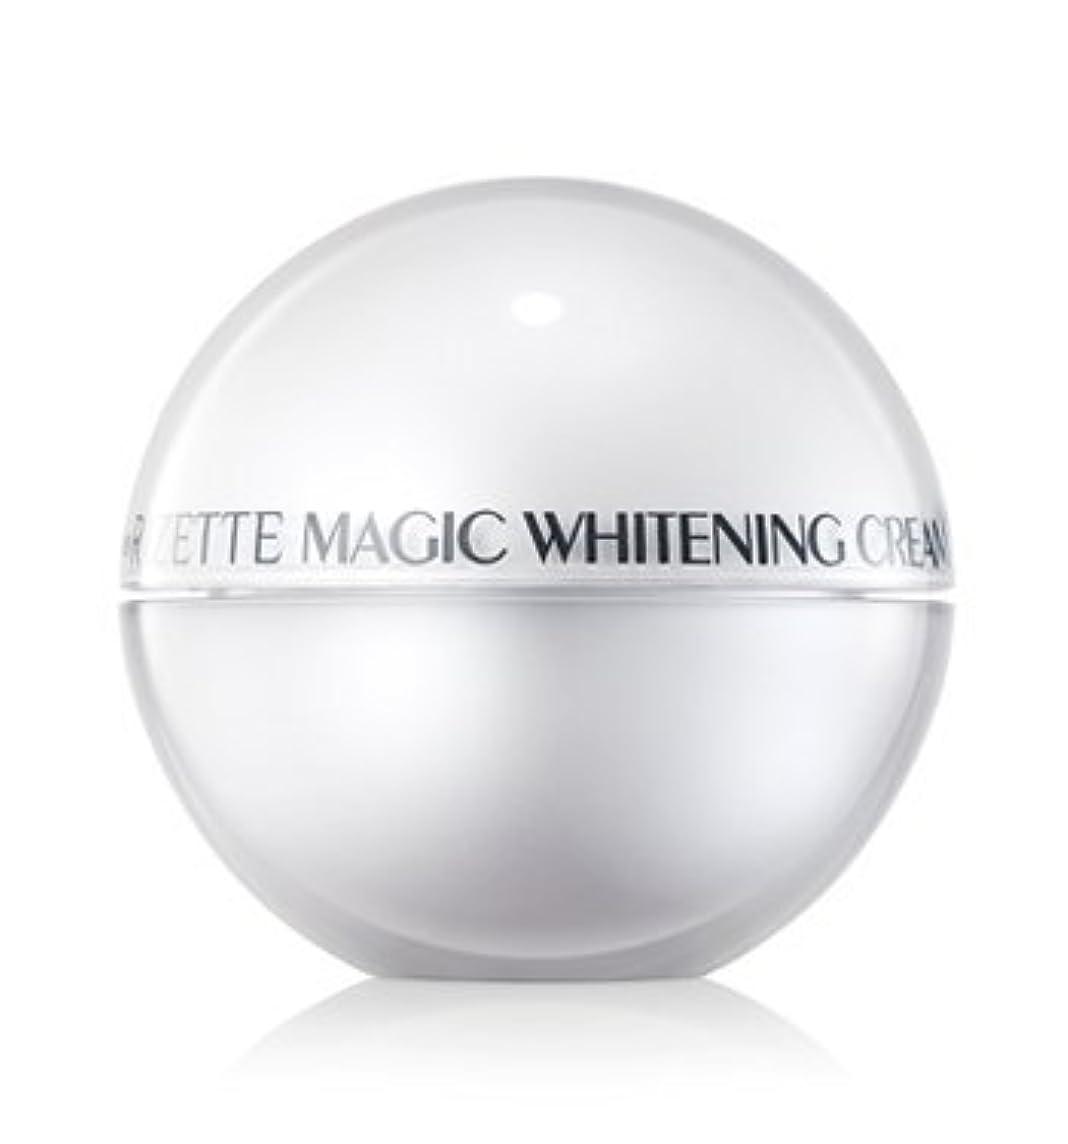 解き明かす弁護親リオエリ(Lioele) Rizette マジック ホワイトニング クリーム プラス/ Lioele Rizette Magic Whitening Cream Plus[並行輸入品]